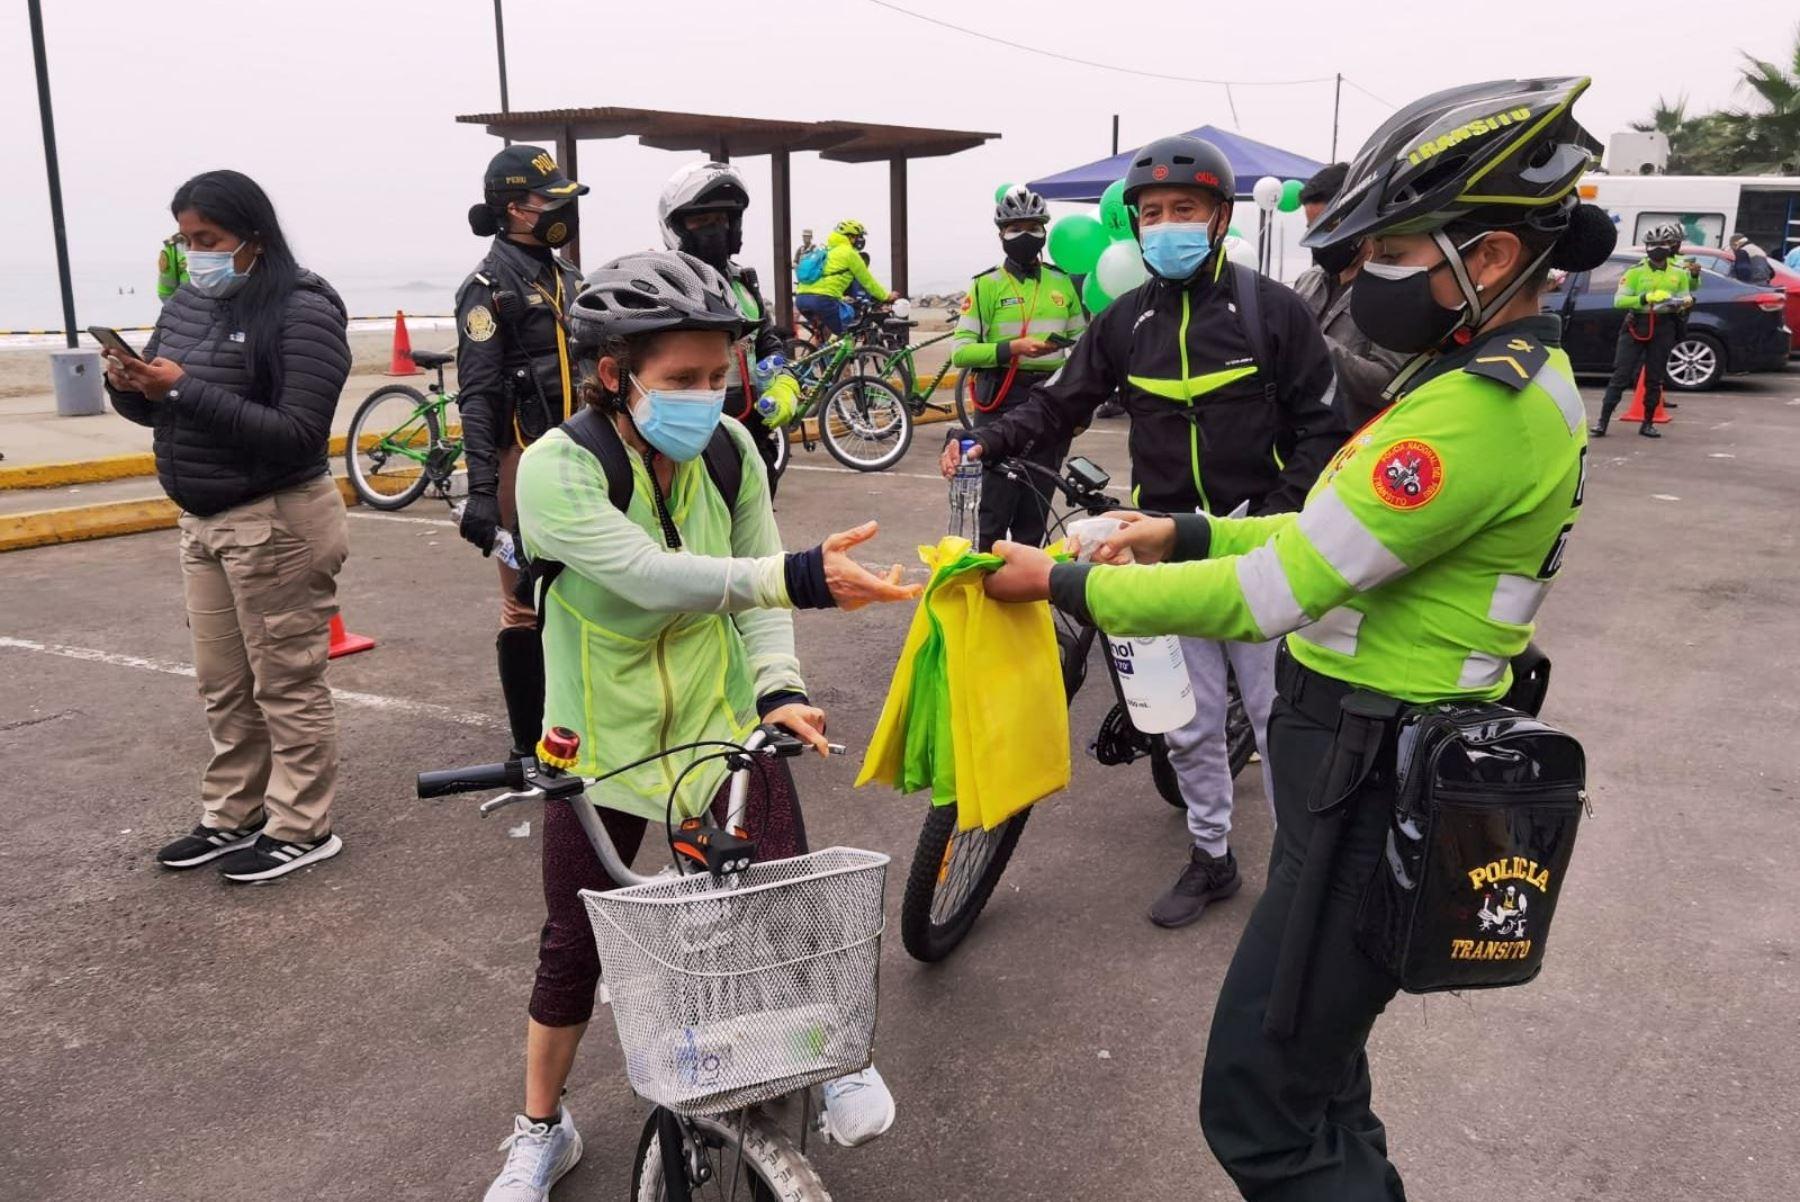 Bicicleta: PNP inicia campaña de sensibilización para su uso adecuado en la vía pública. Foto: ANDINA/Difusión.